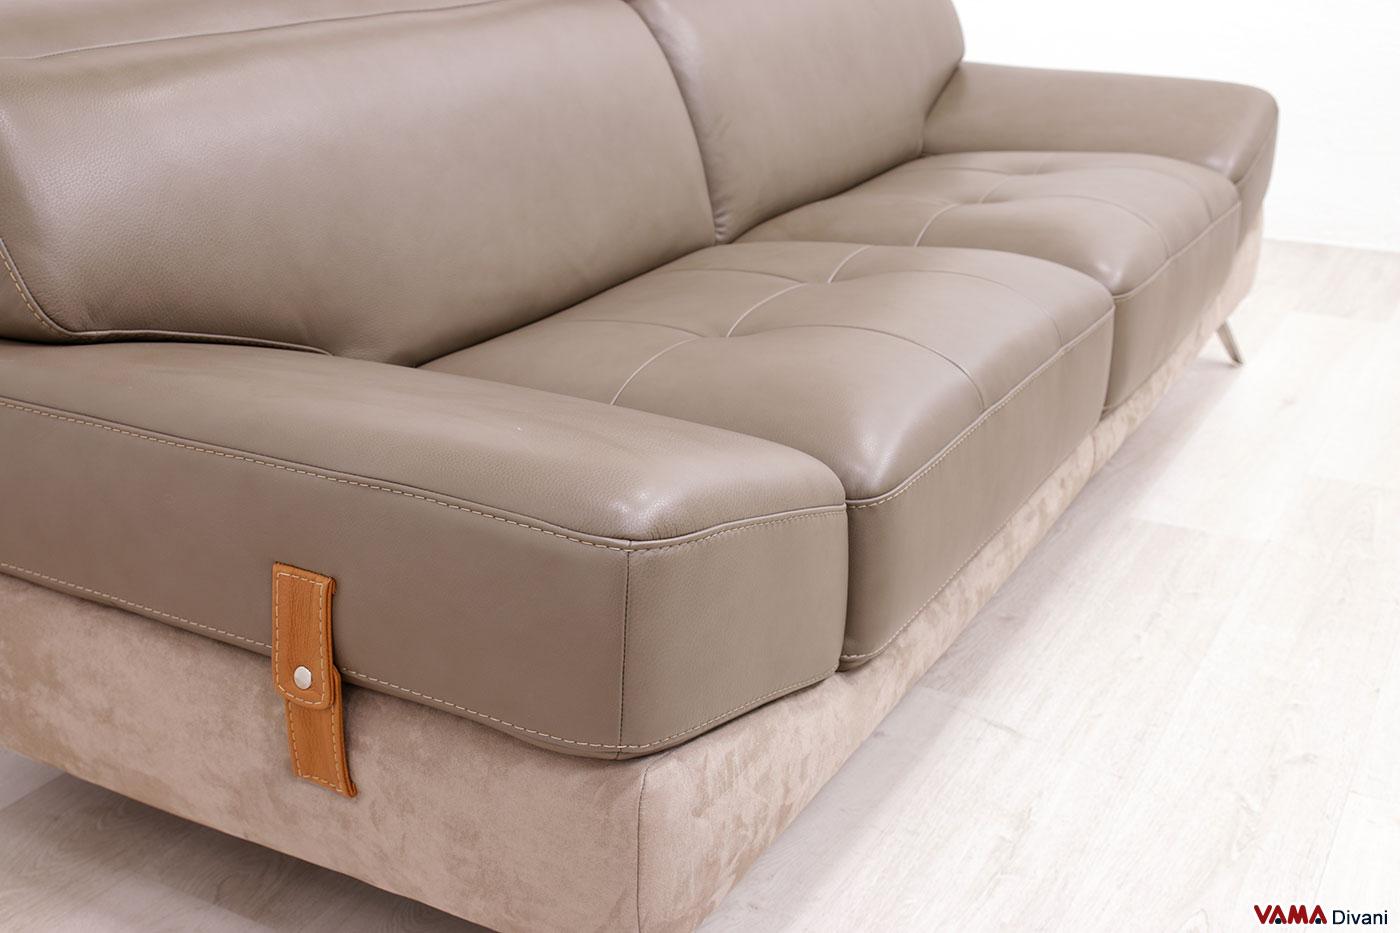 Divano moderno 3 posti in pelle e microfibra con seduta trapuntata